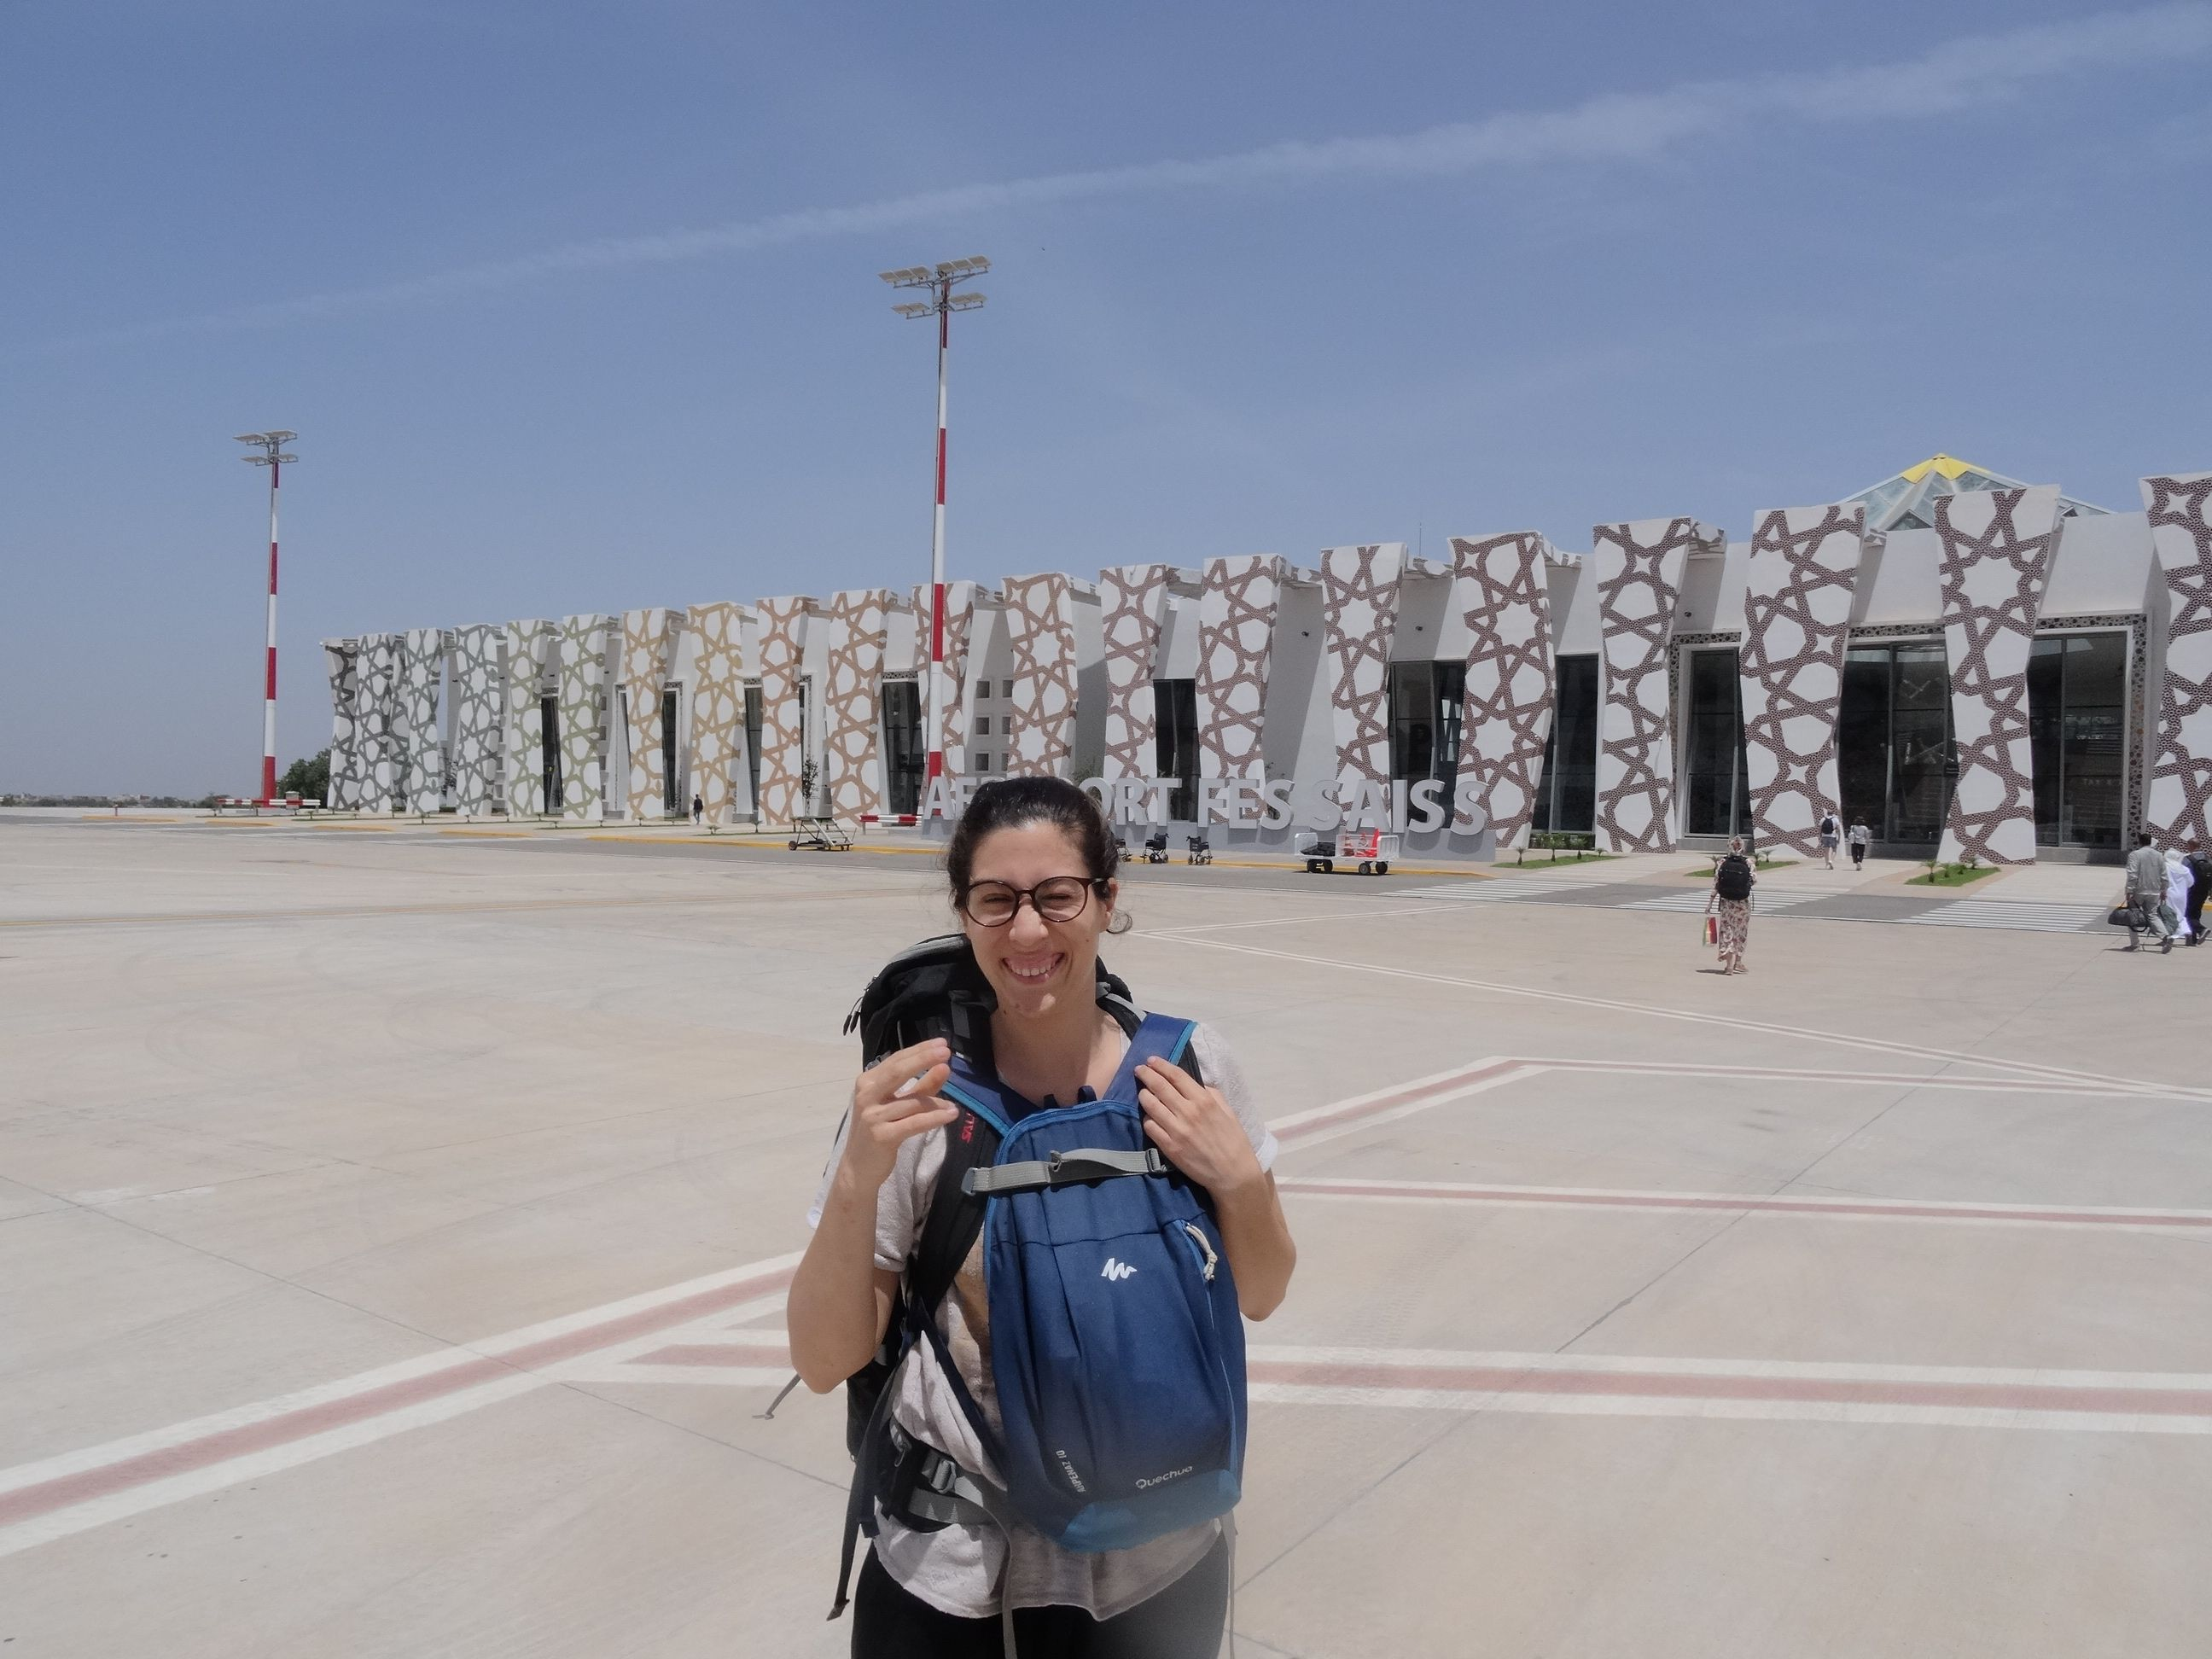 Llegando al aeropuerto de Fez